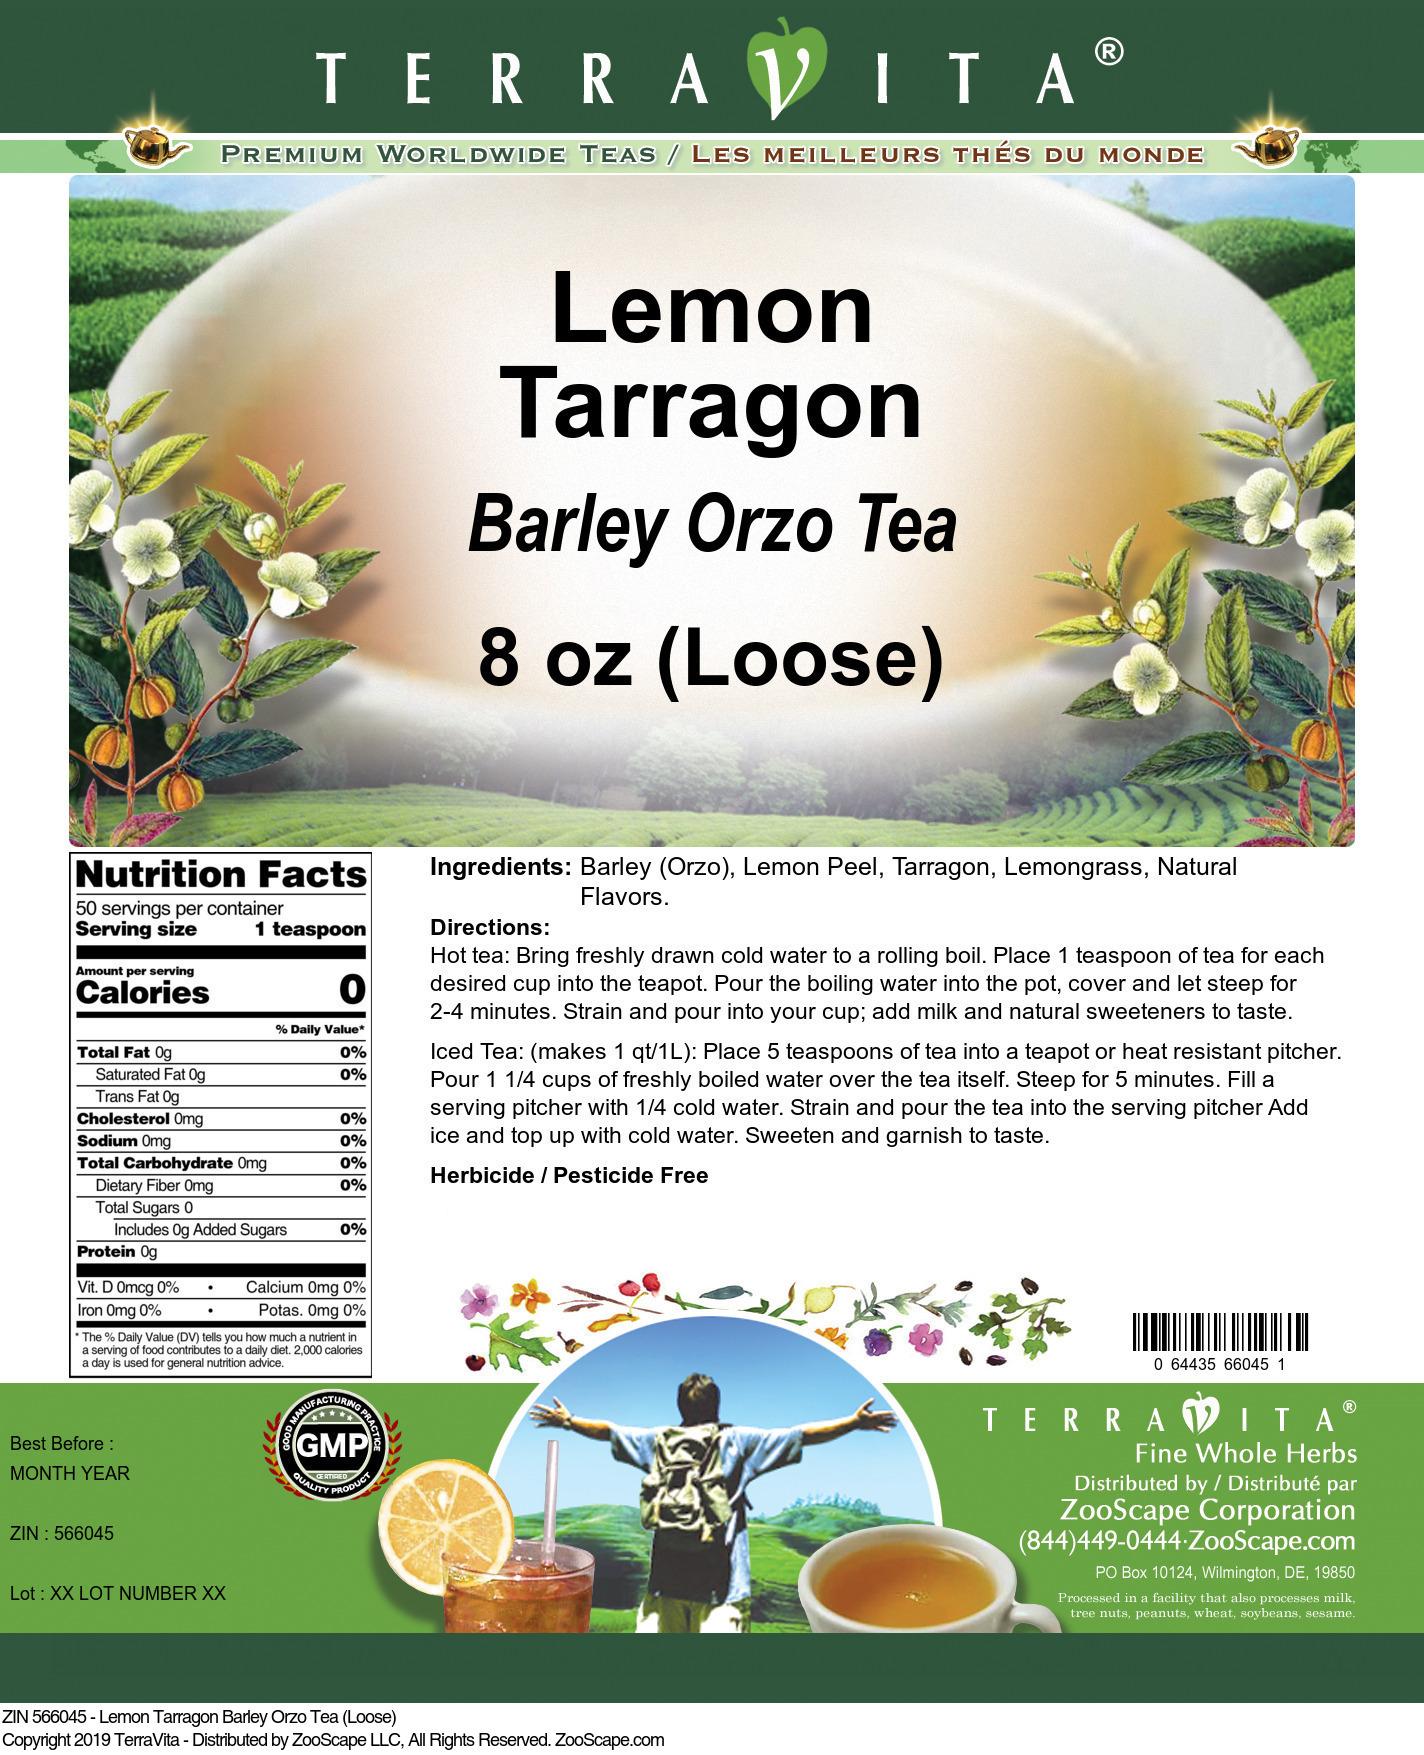 Lemon Tarragon Barley Orzo Tea (Loose)